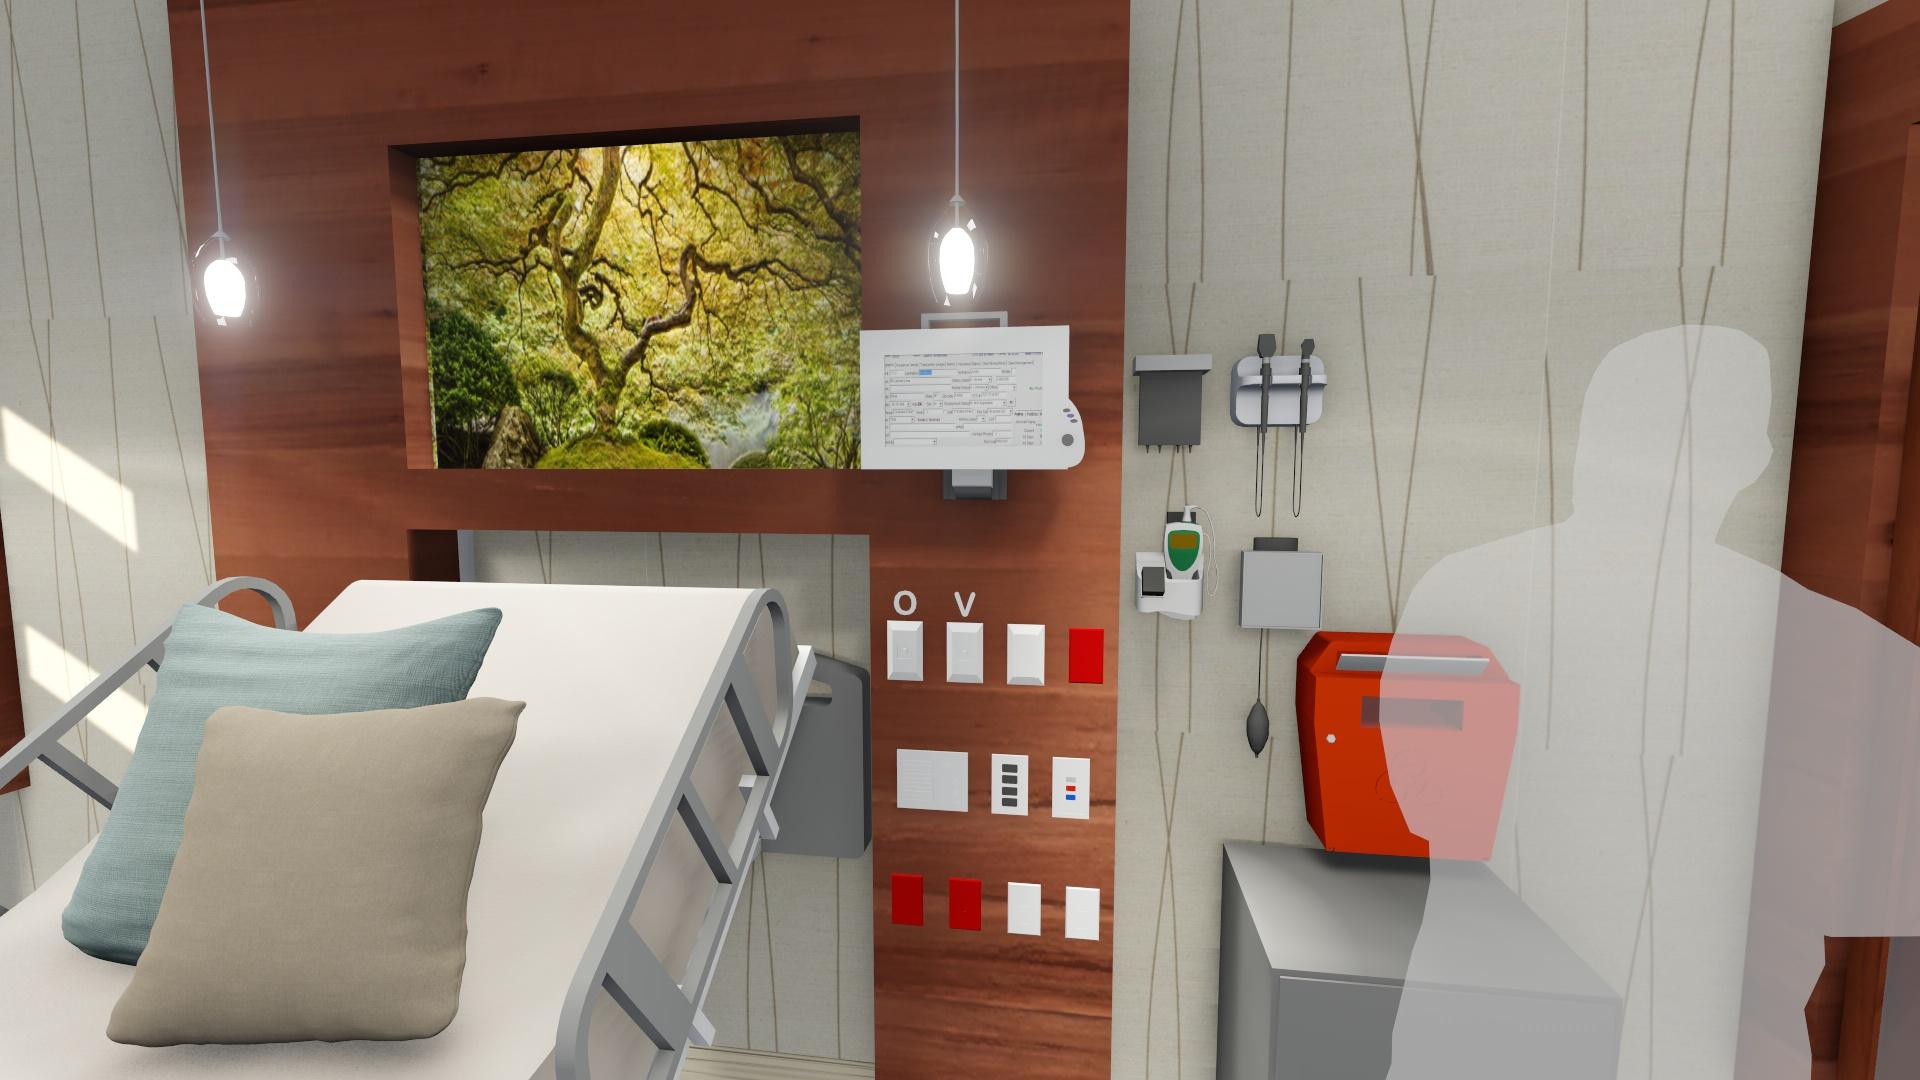 ROCU-CDU Room Rendering 6.jpg